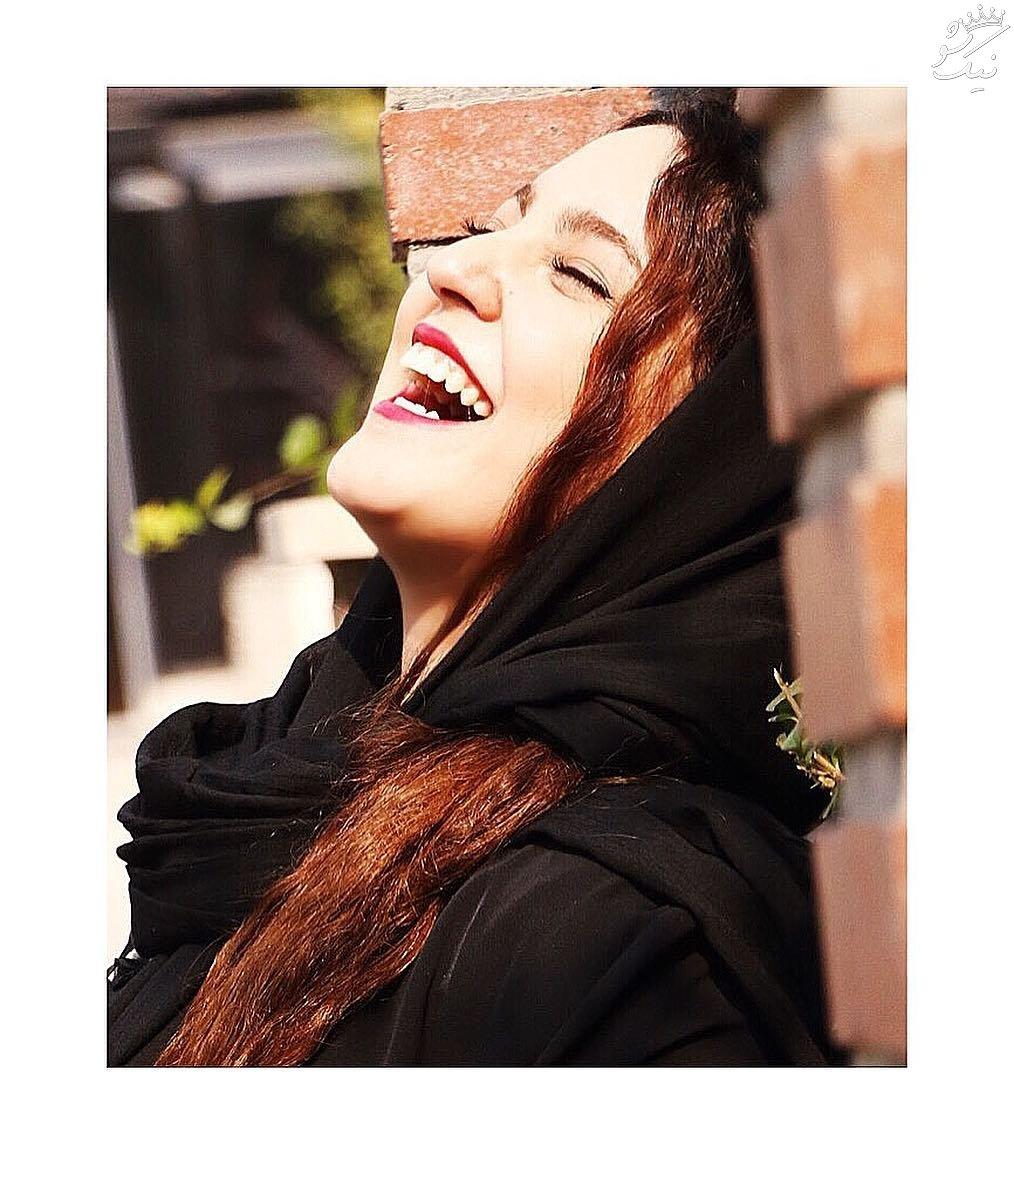 مهسا هاشمی | بیوگرافی و عکسهای اینستاگرام